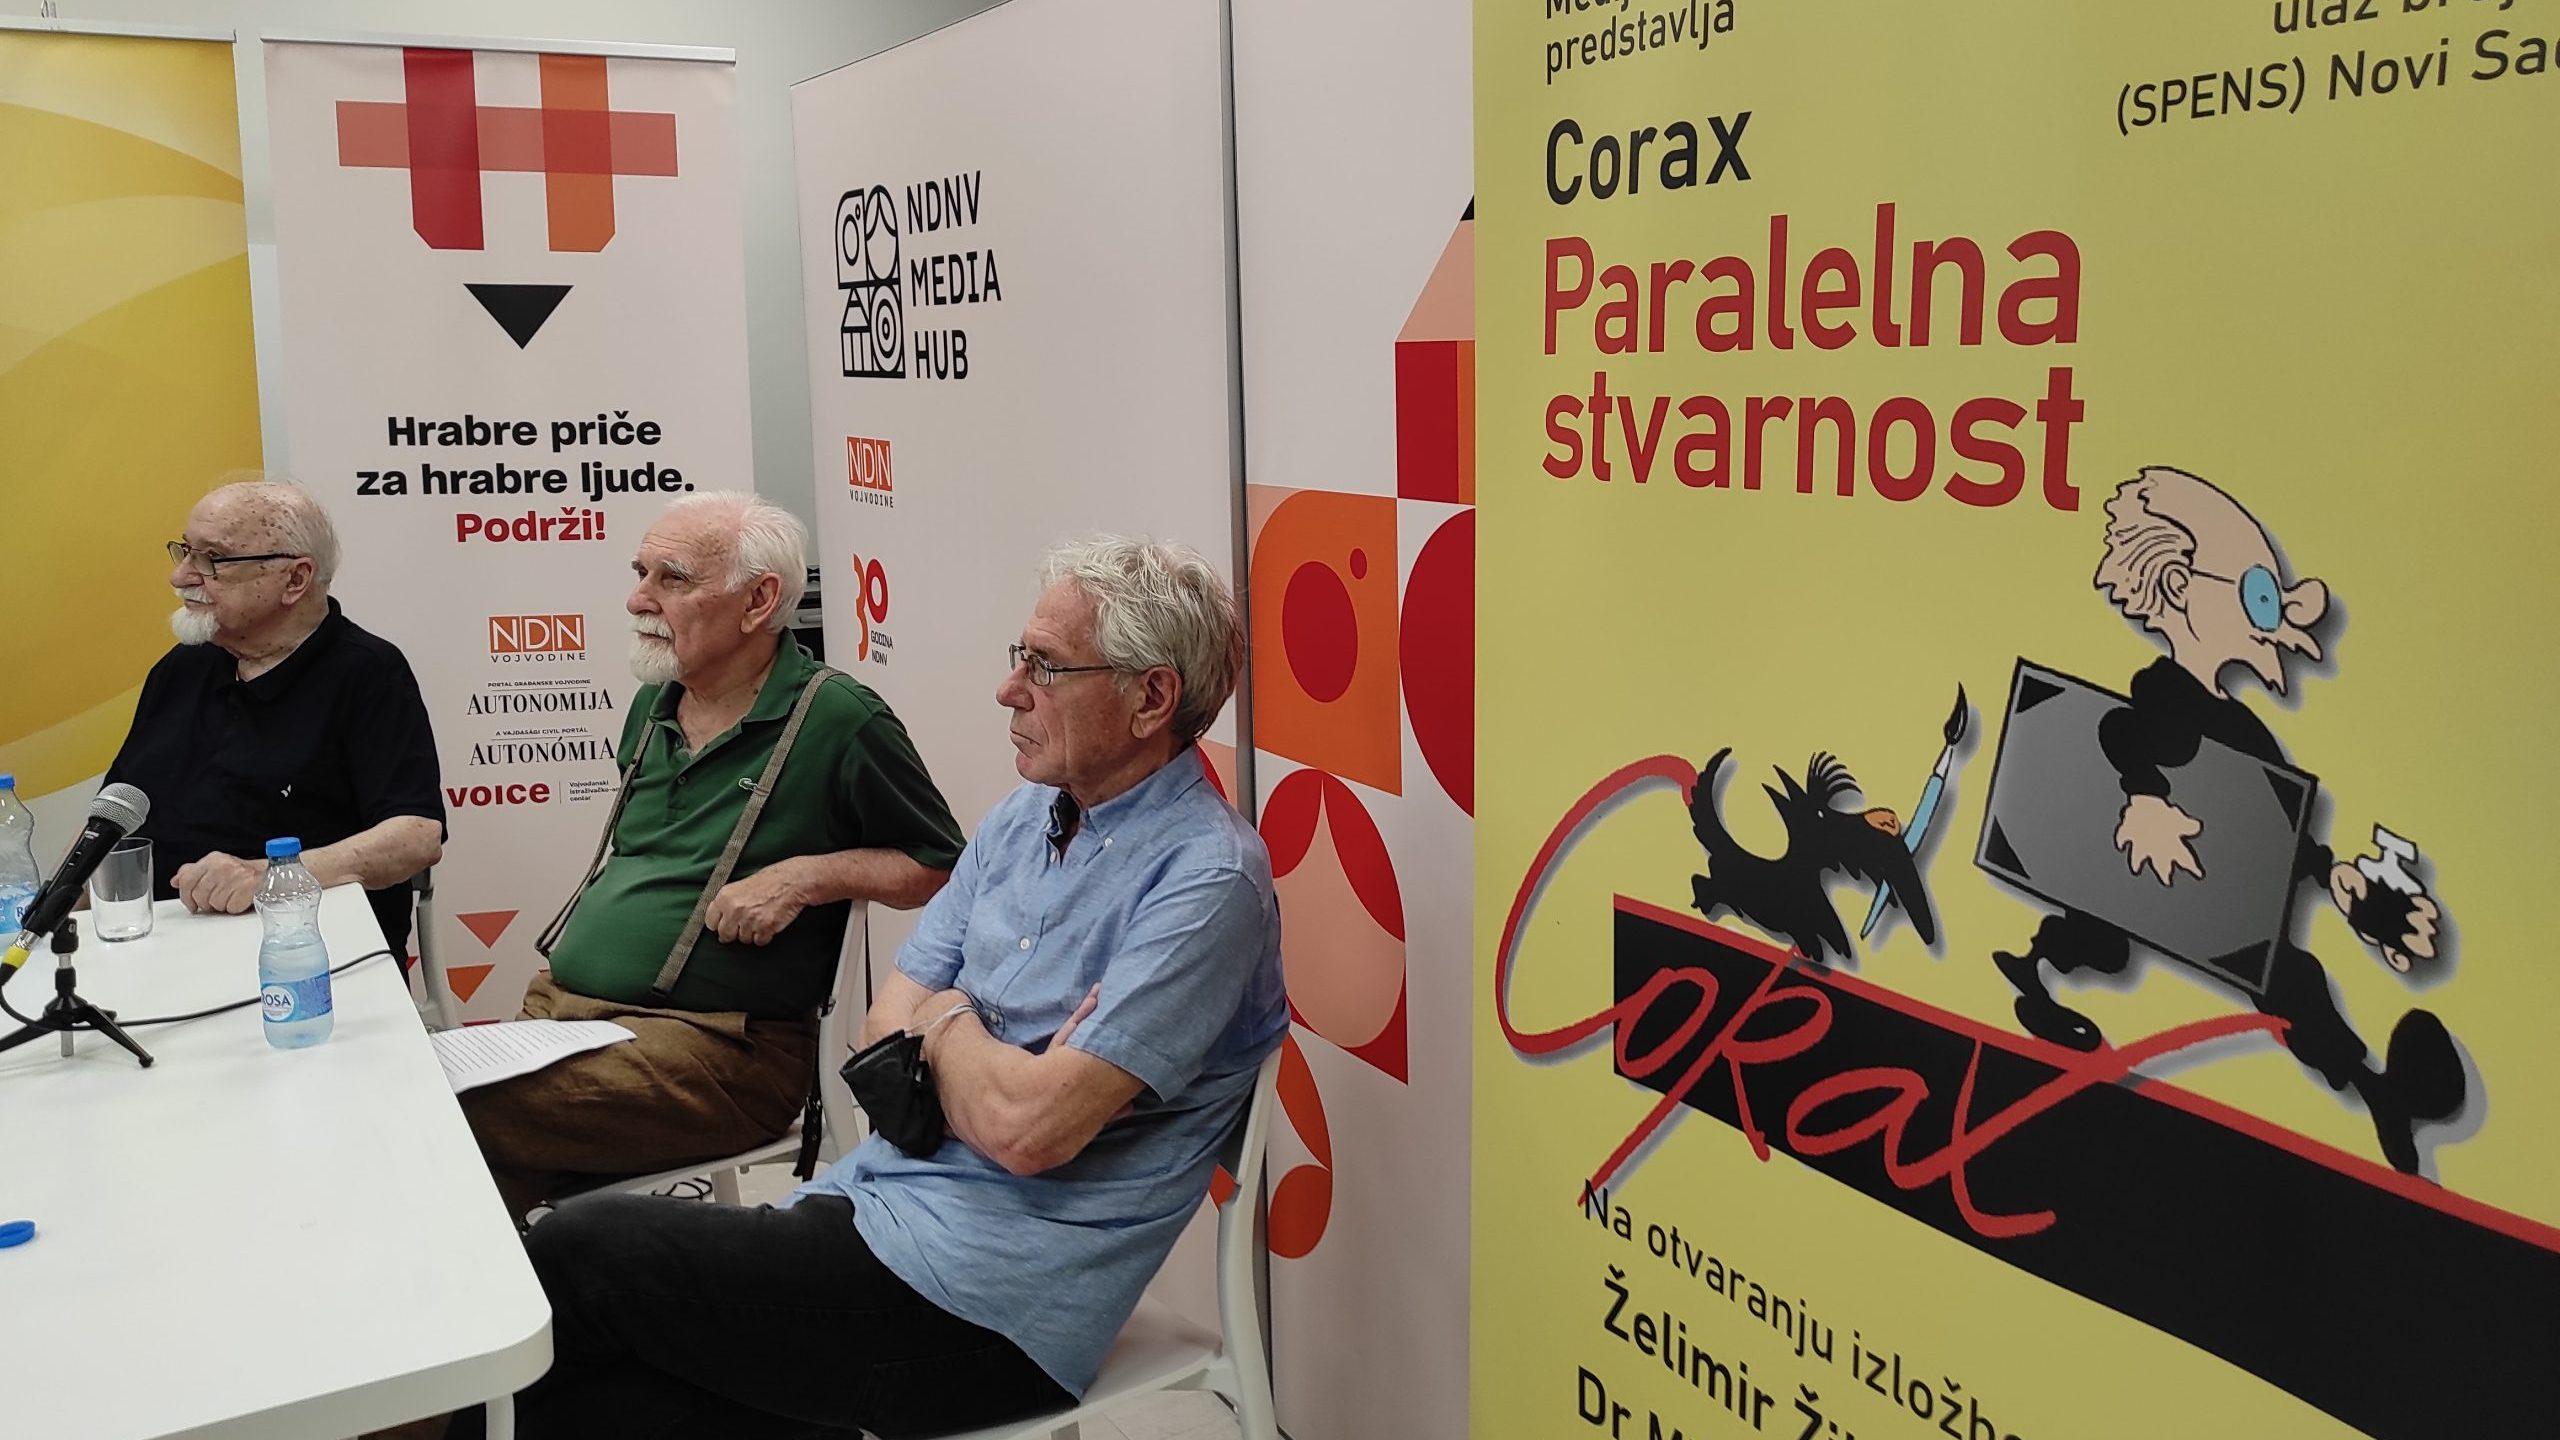 """Koraksova izložba """"Paralelna stvarnost"""" u Novom Sadu: Precizna hronika bešćašća 15"""